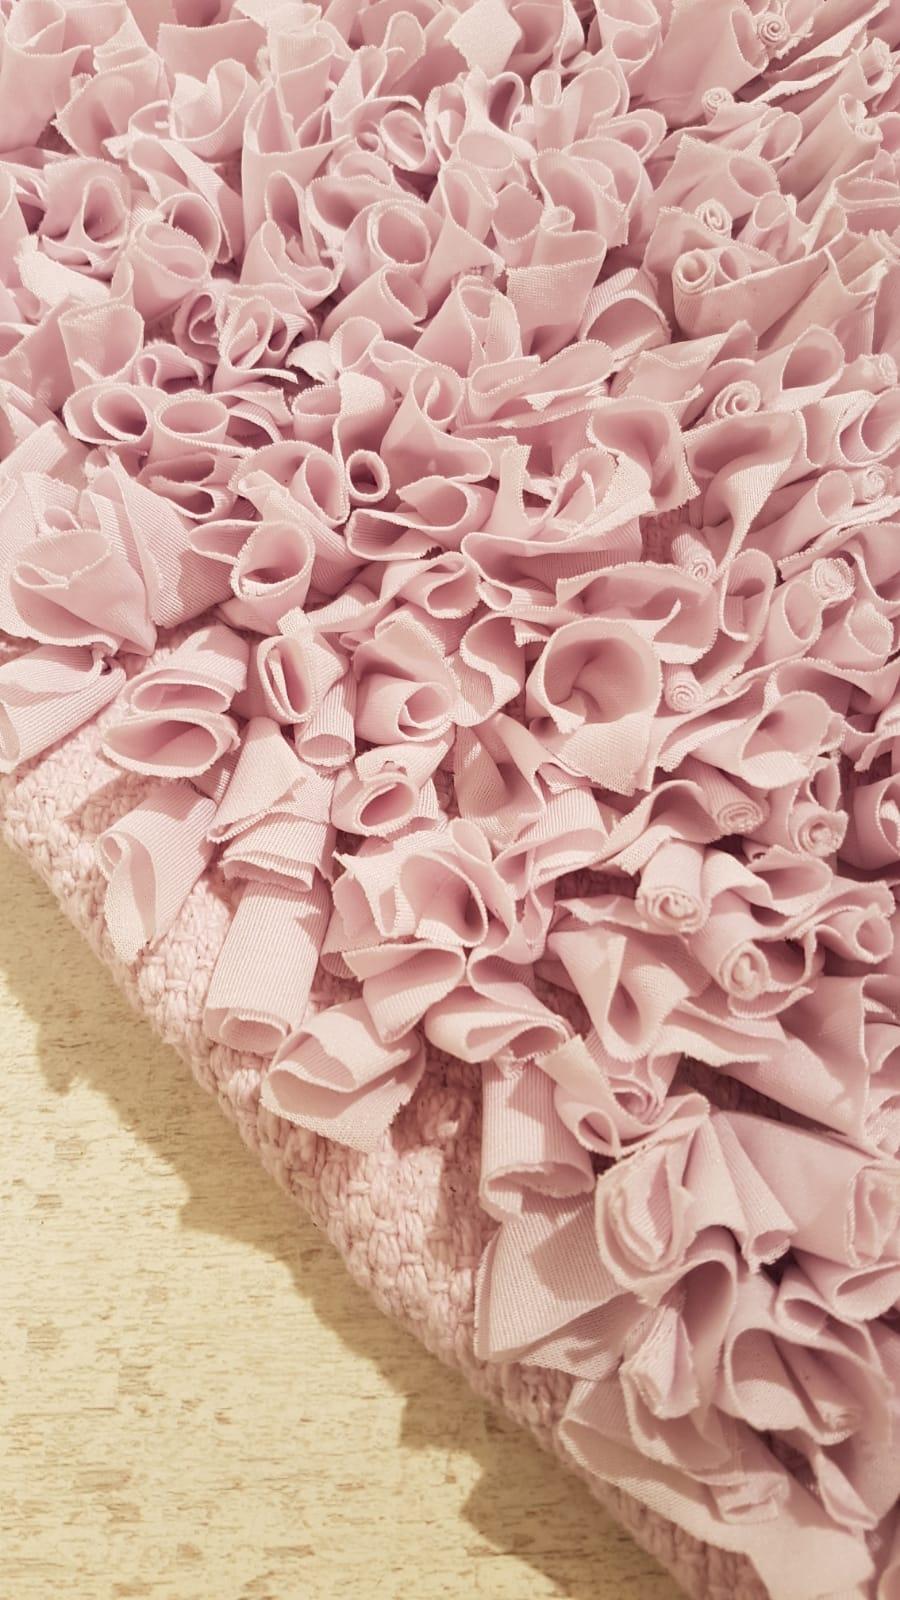 שטיח מלבן לחדר ילדים סגול לילך בהיר 90/150 ס